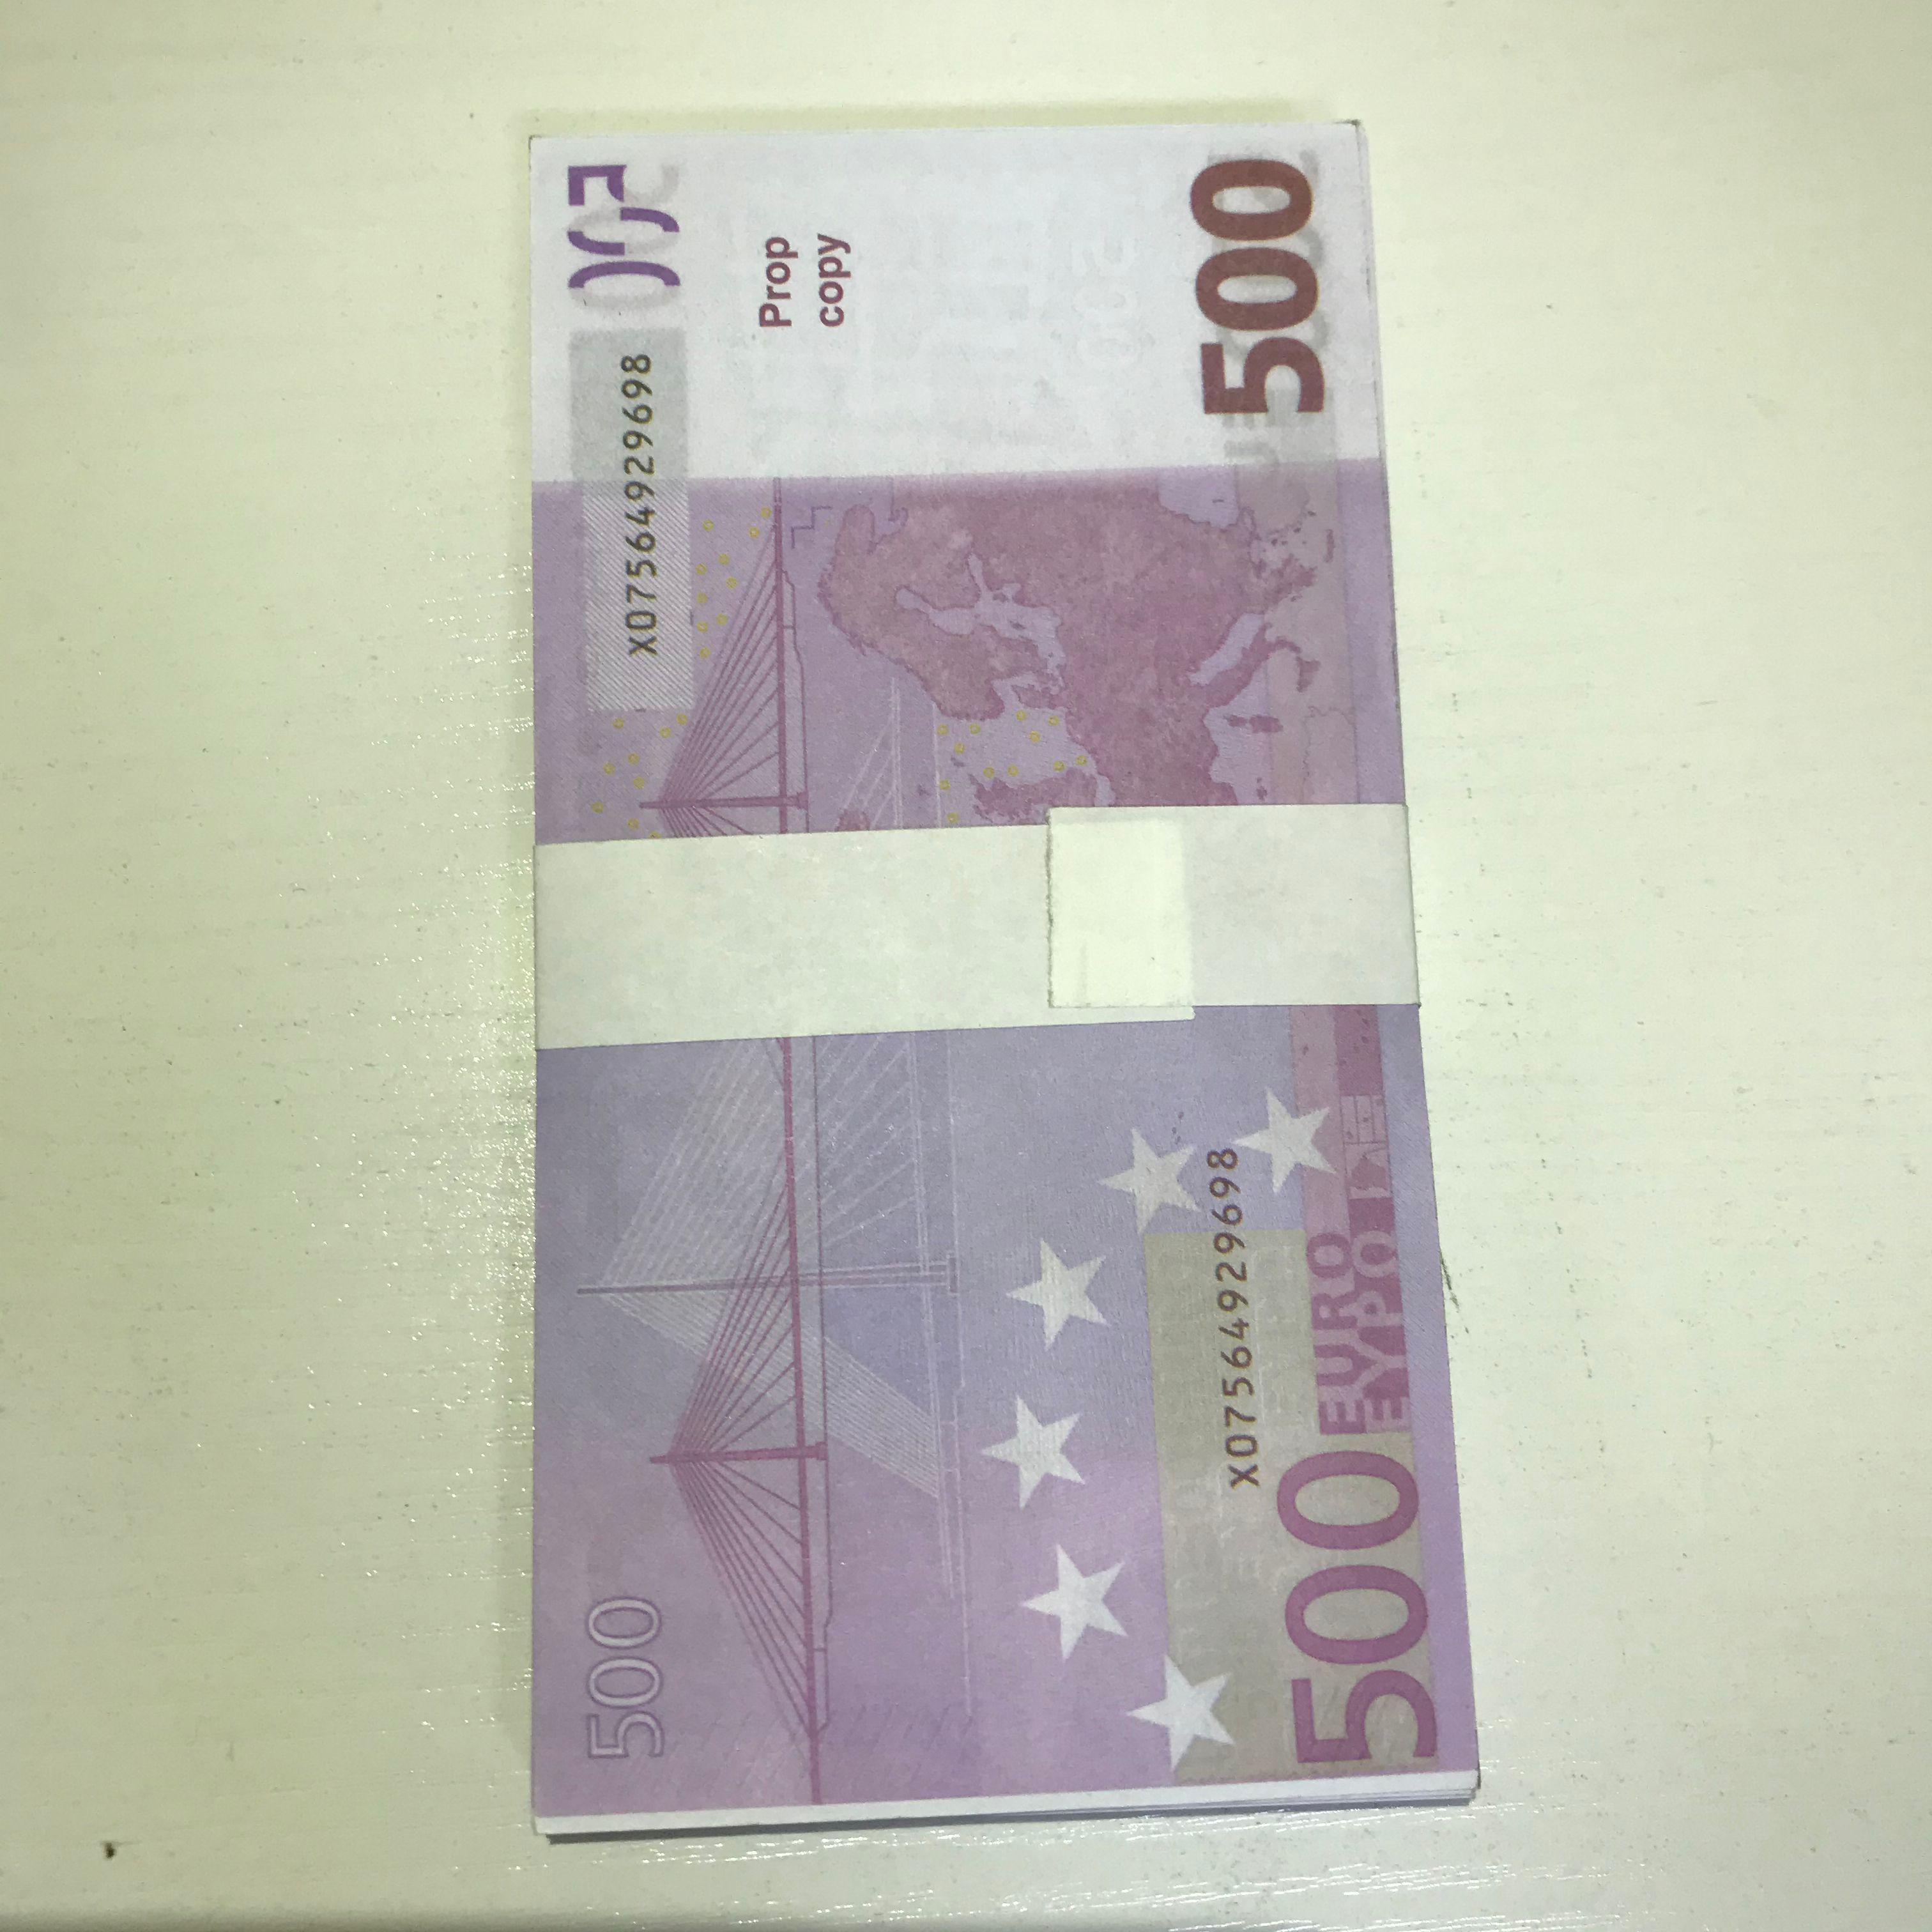 Jouet LE500-31 nouveau EFSIU PROP 500 livres FAUX MAGIC BILLETFIT Billet Billet cadeau papier cadeau dollar dollar billet de billet euro utoqh